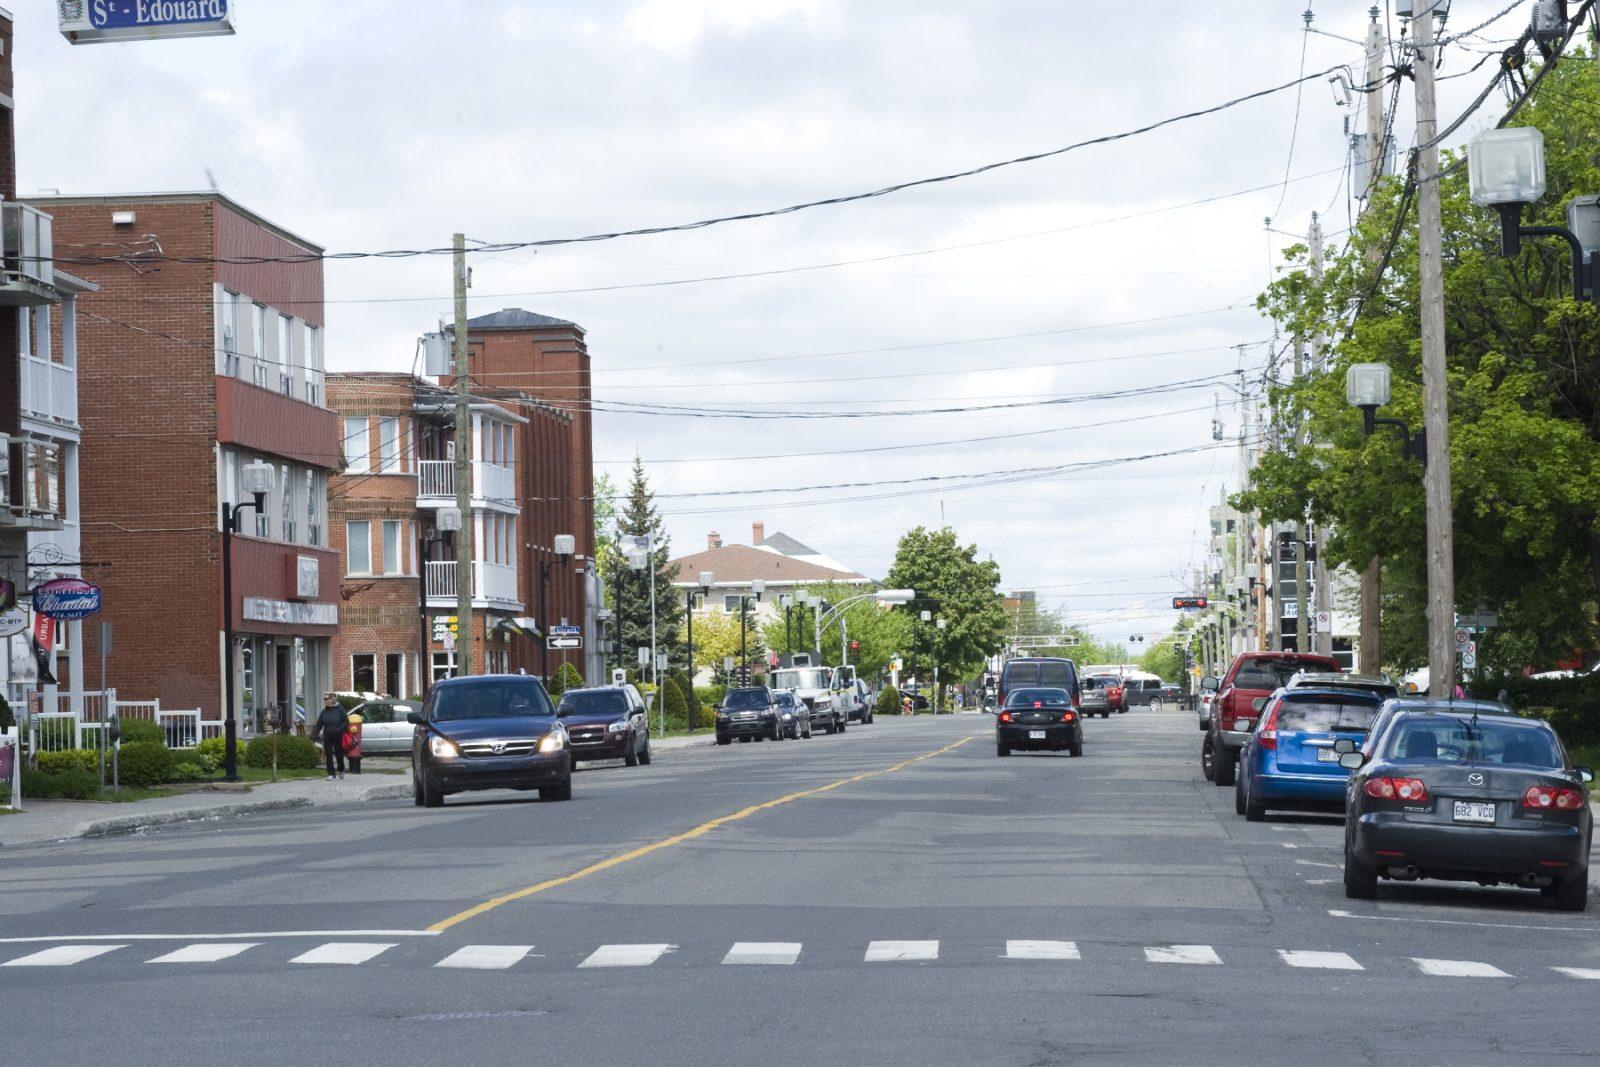 Rue Lindsay : la phase 2 des travaux sera lancée à l'été 2018